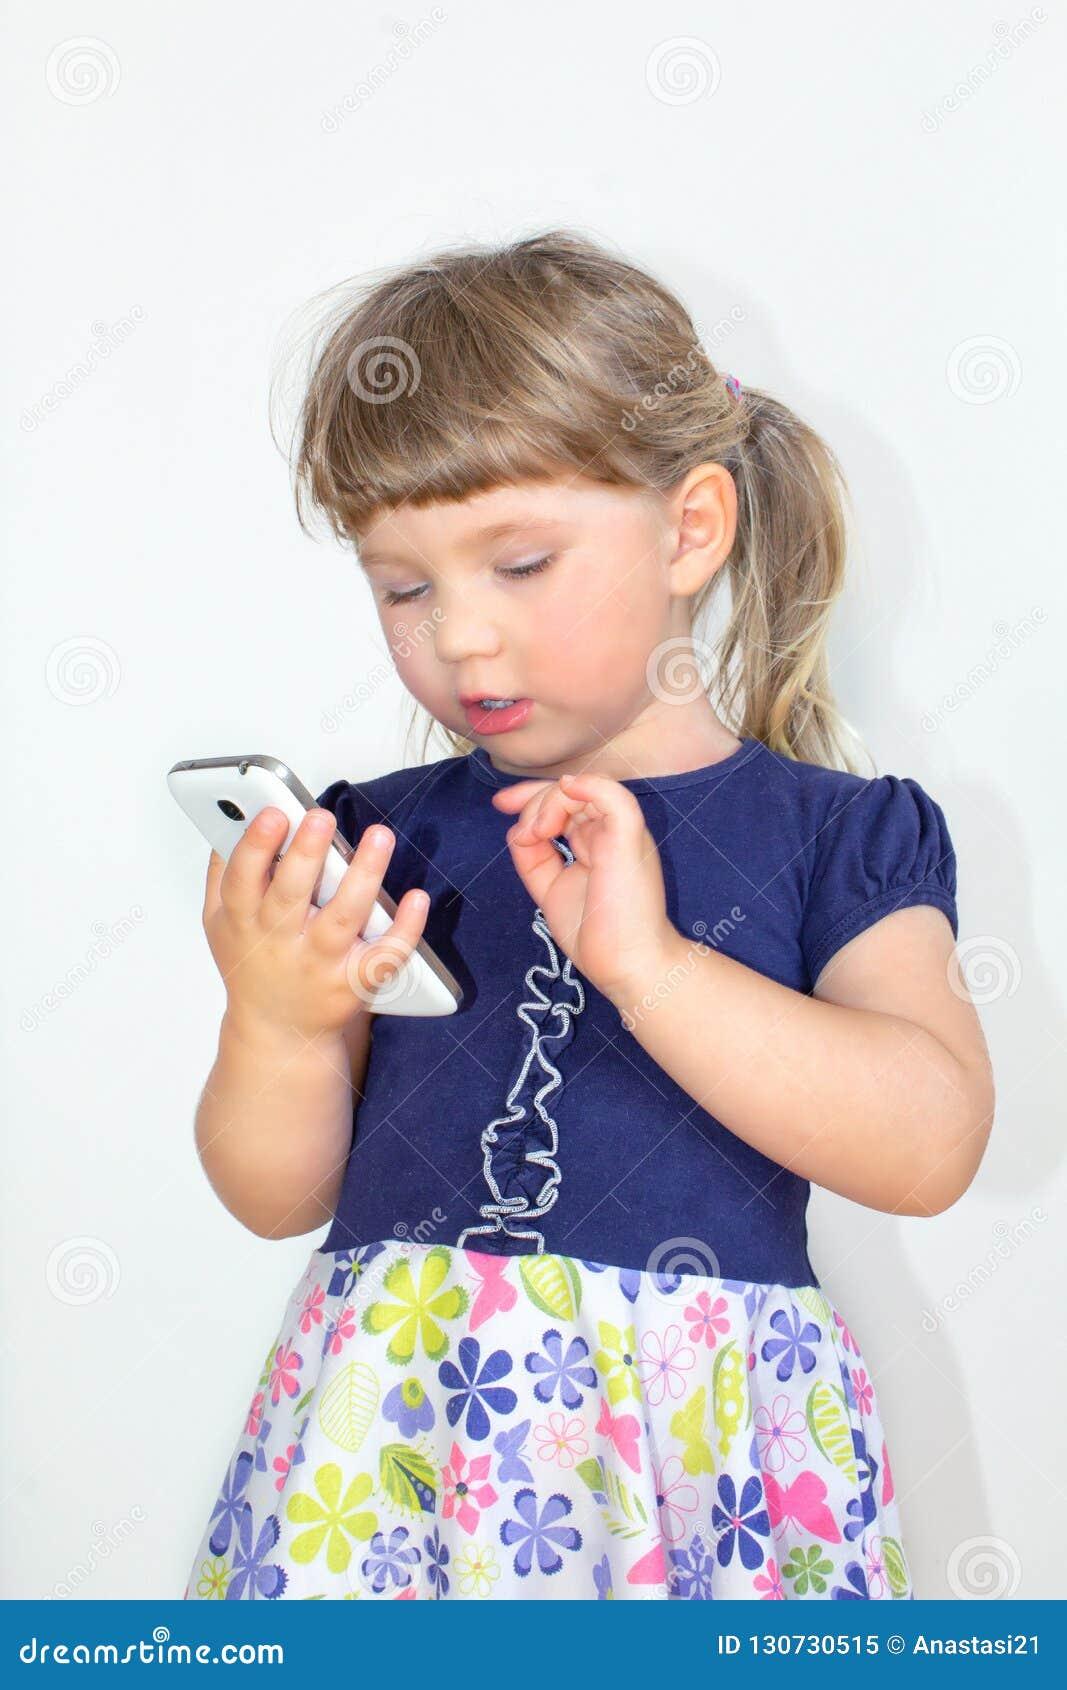 Liten flicka som talar på en mobiltelefon, på en vit bakgrund